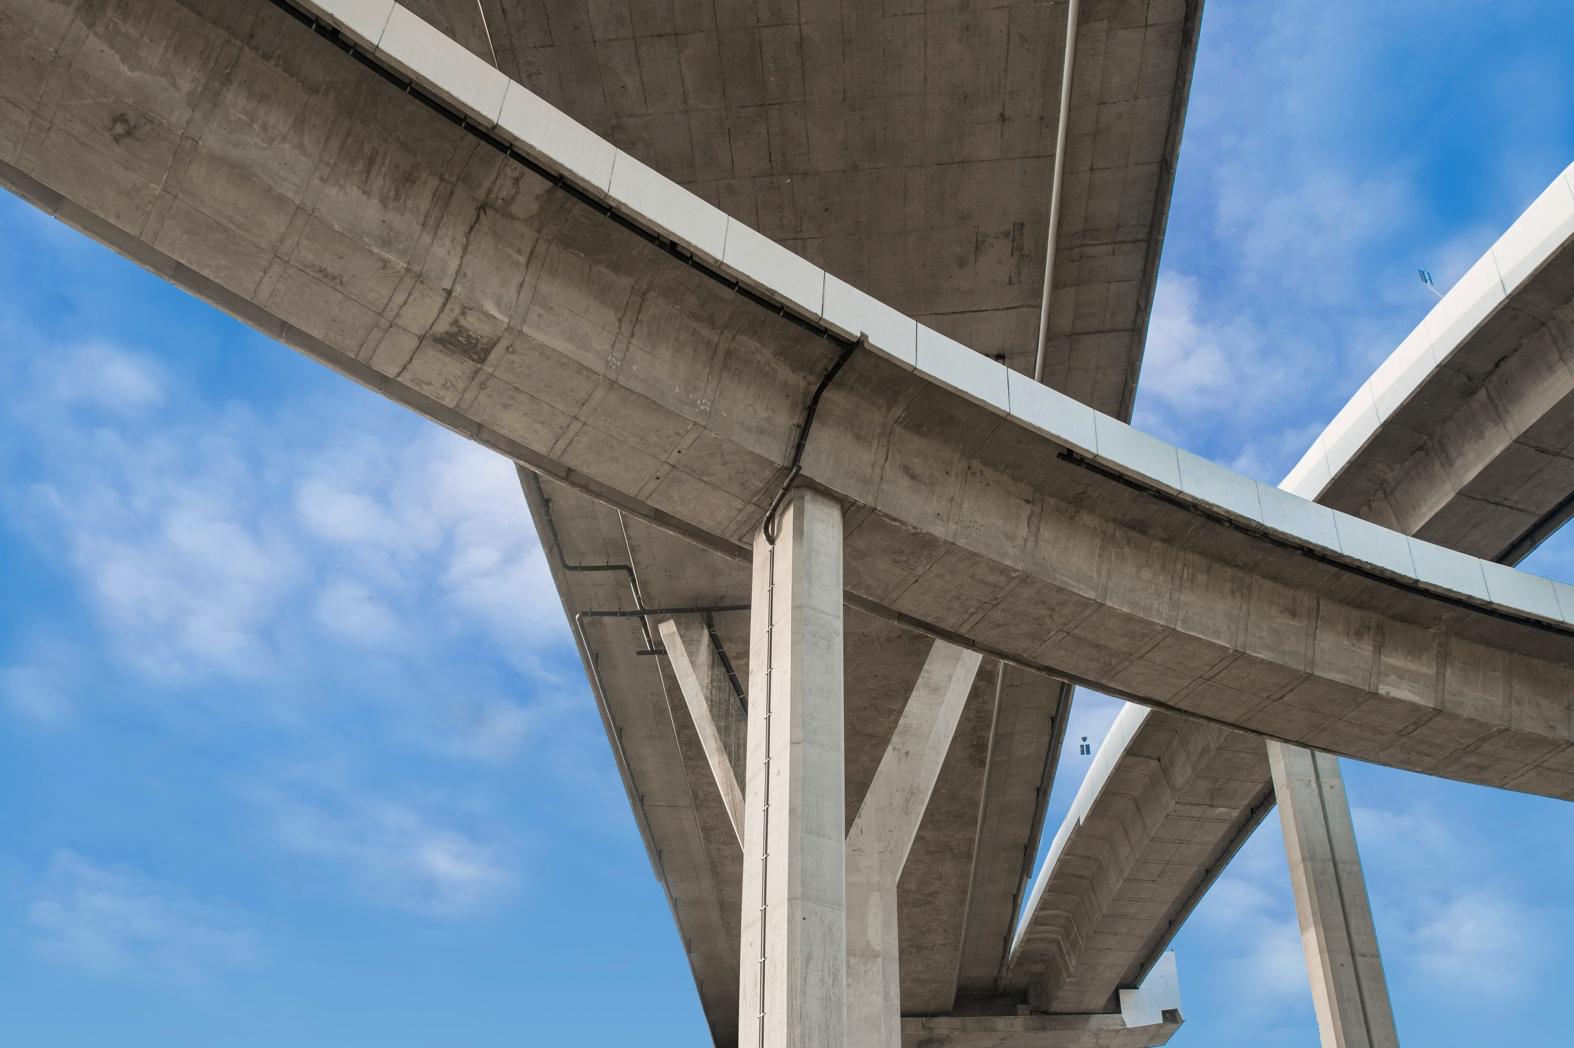 Bauwerke klimafreundlich konstruieren